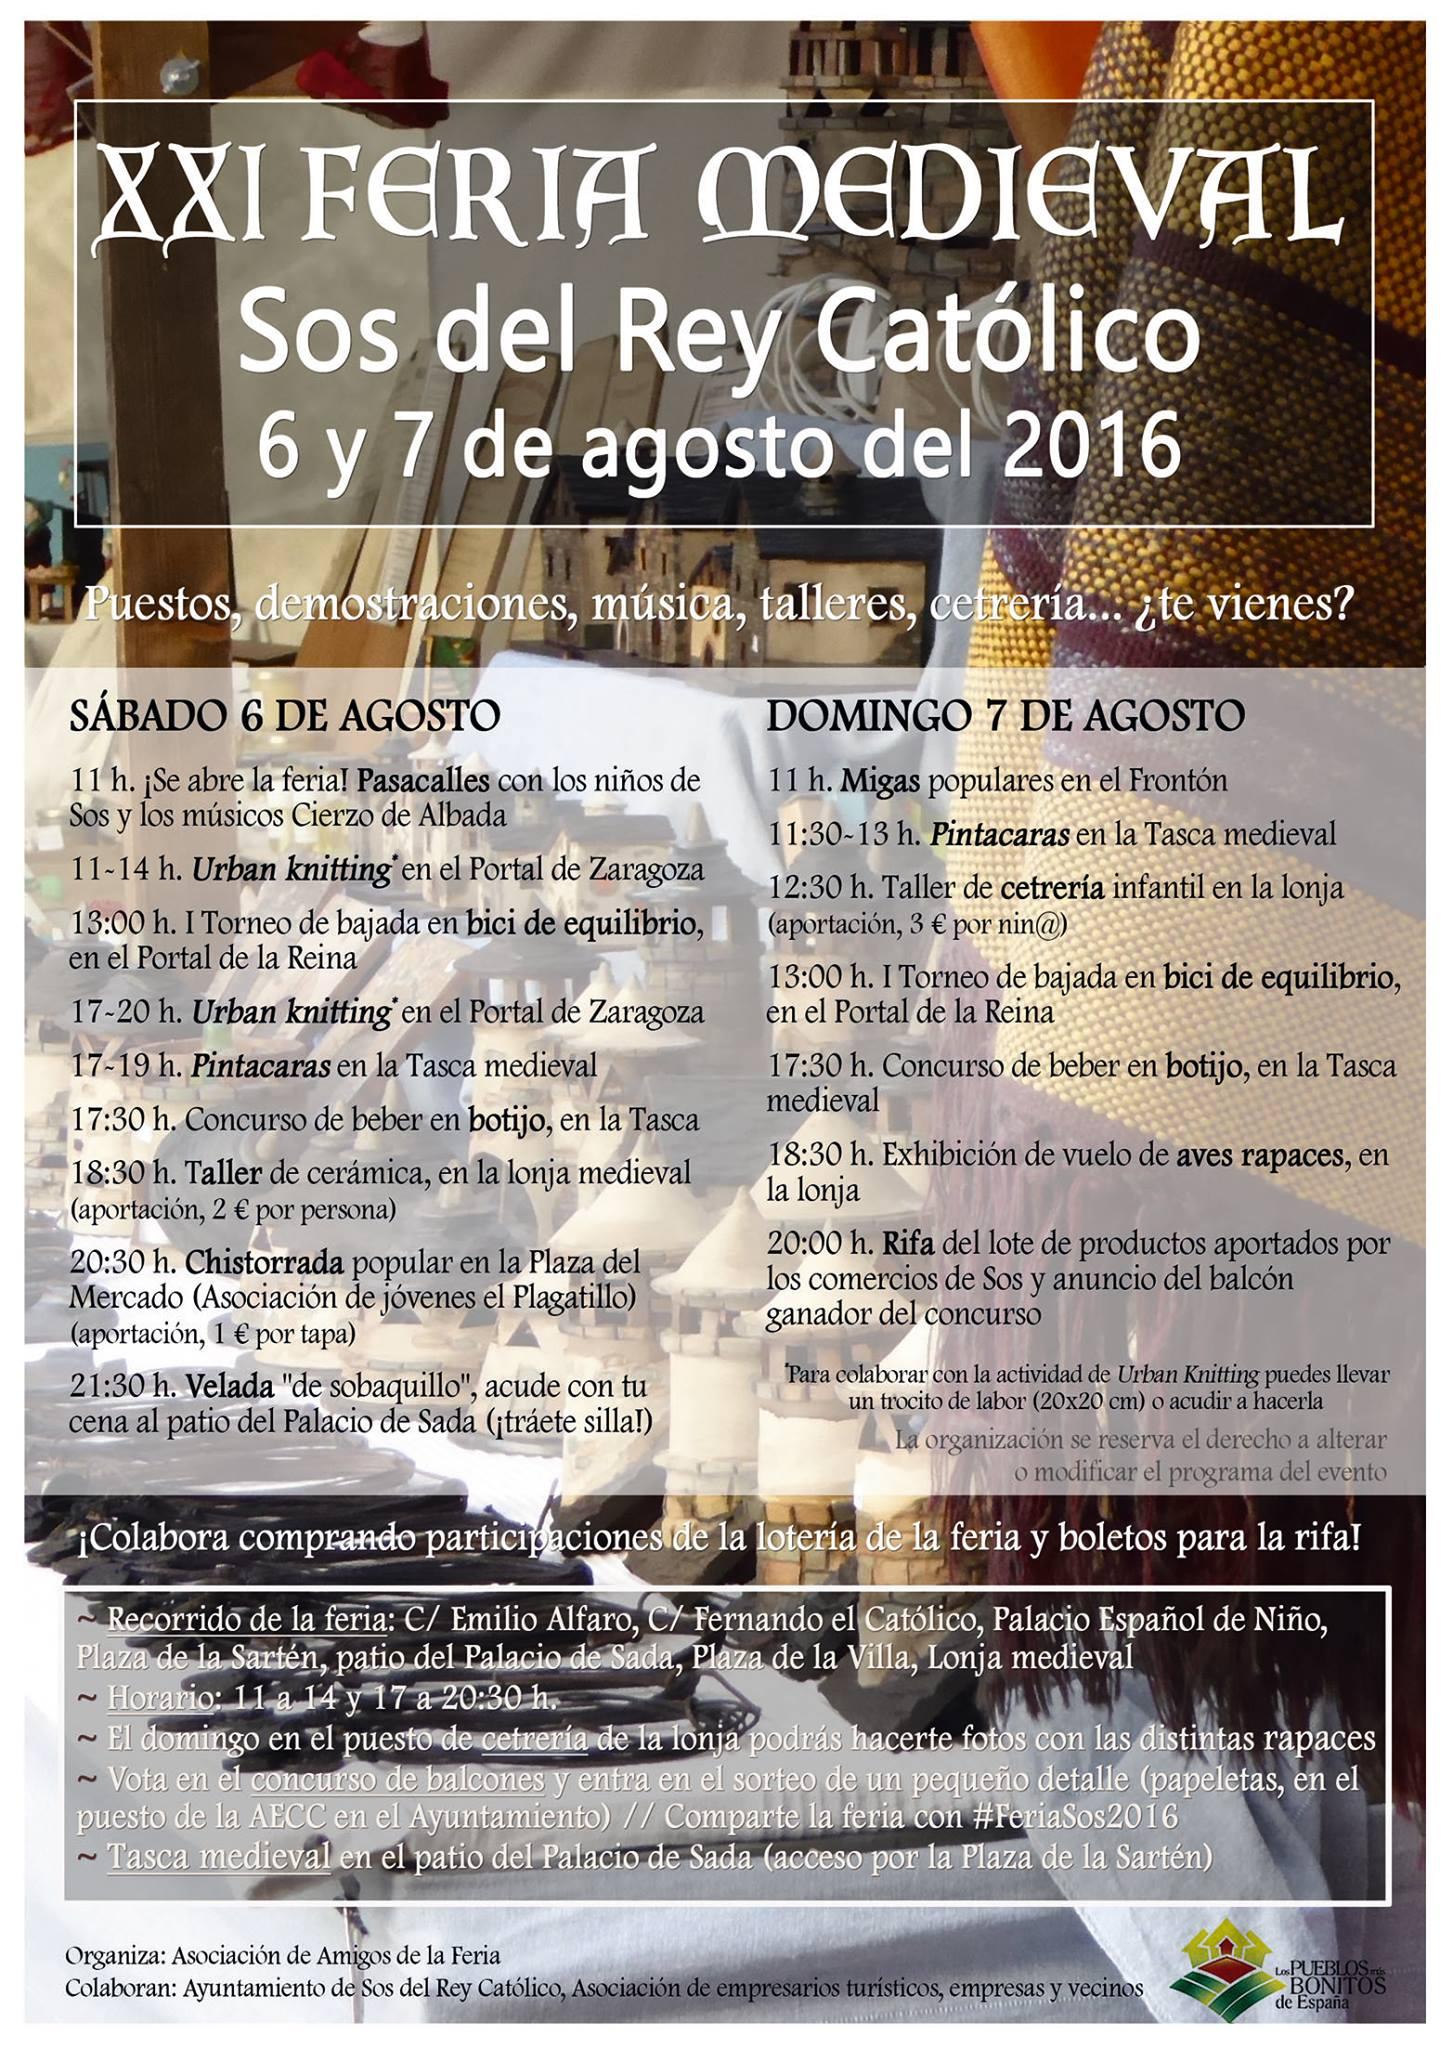 Feria Medieval 2016 en Sos del Rey Católico